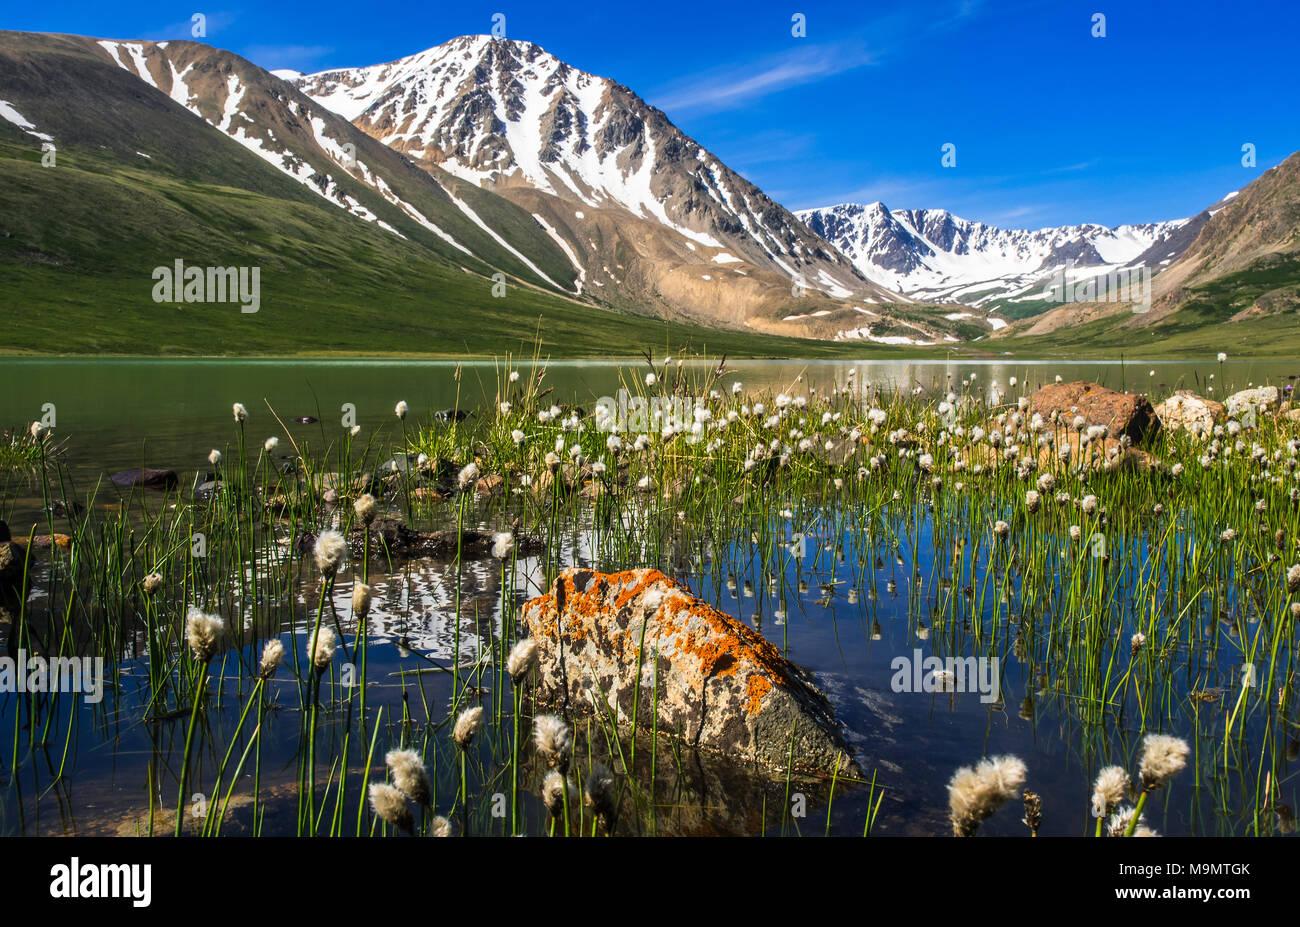 La végétation en fleurs, les linaigrettes (Eriophorum) et le lac, des montagnes de l'Altaï à l'arrière, la Mongolie Photo Stock